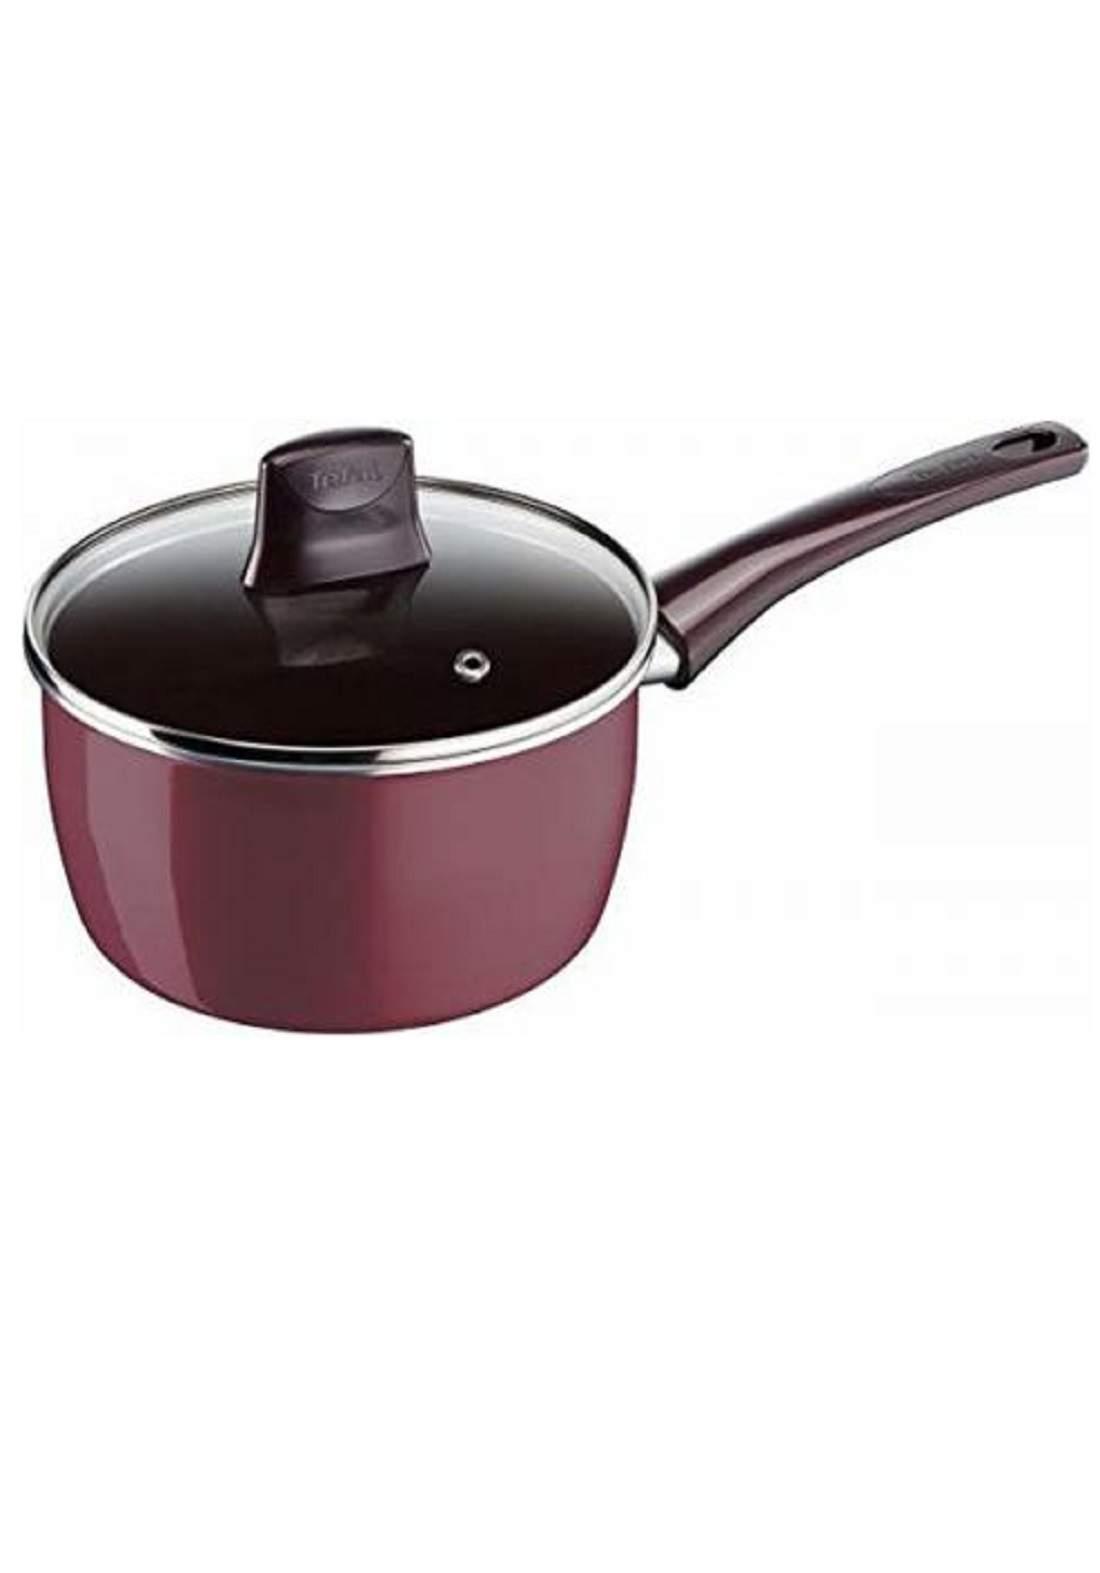 قدر طبخ من TefalD5052252 اسود اللون